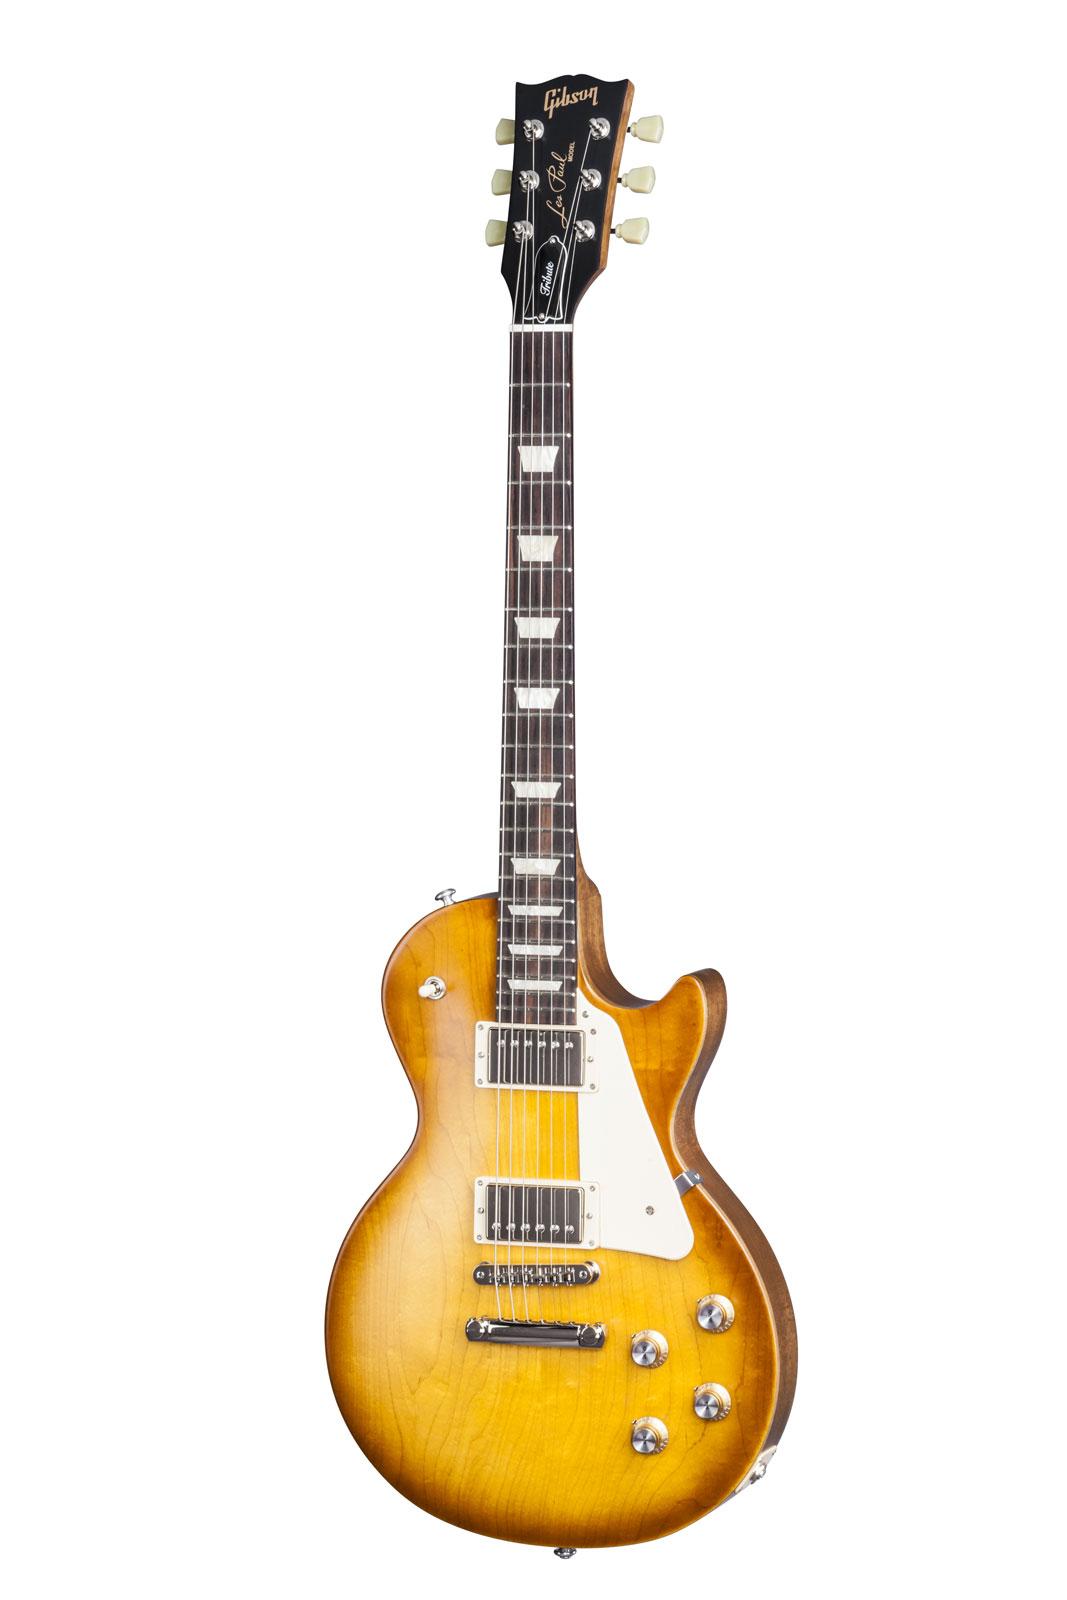 guitares electriques gibson les paul lp studio faded 2016 hp worn cherry + housse single cut